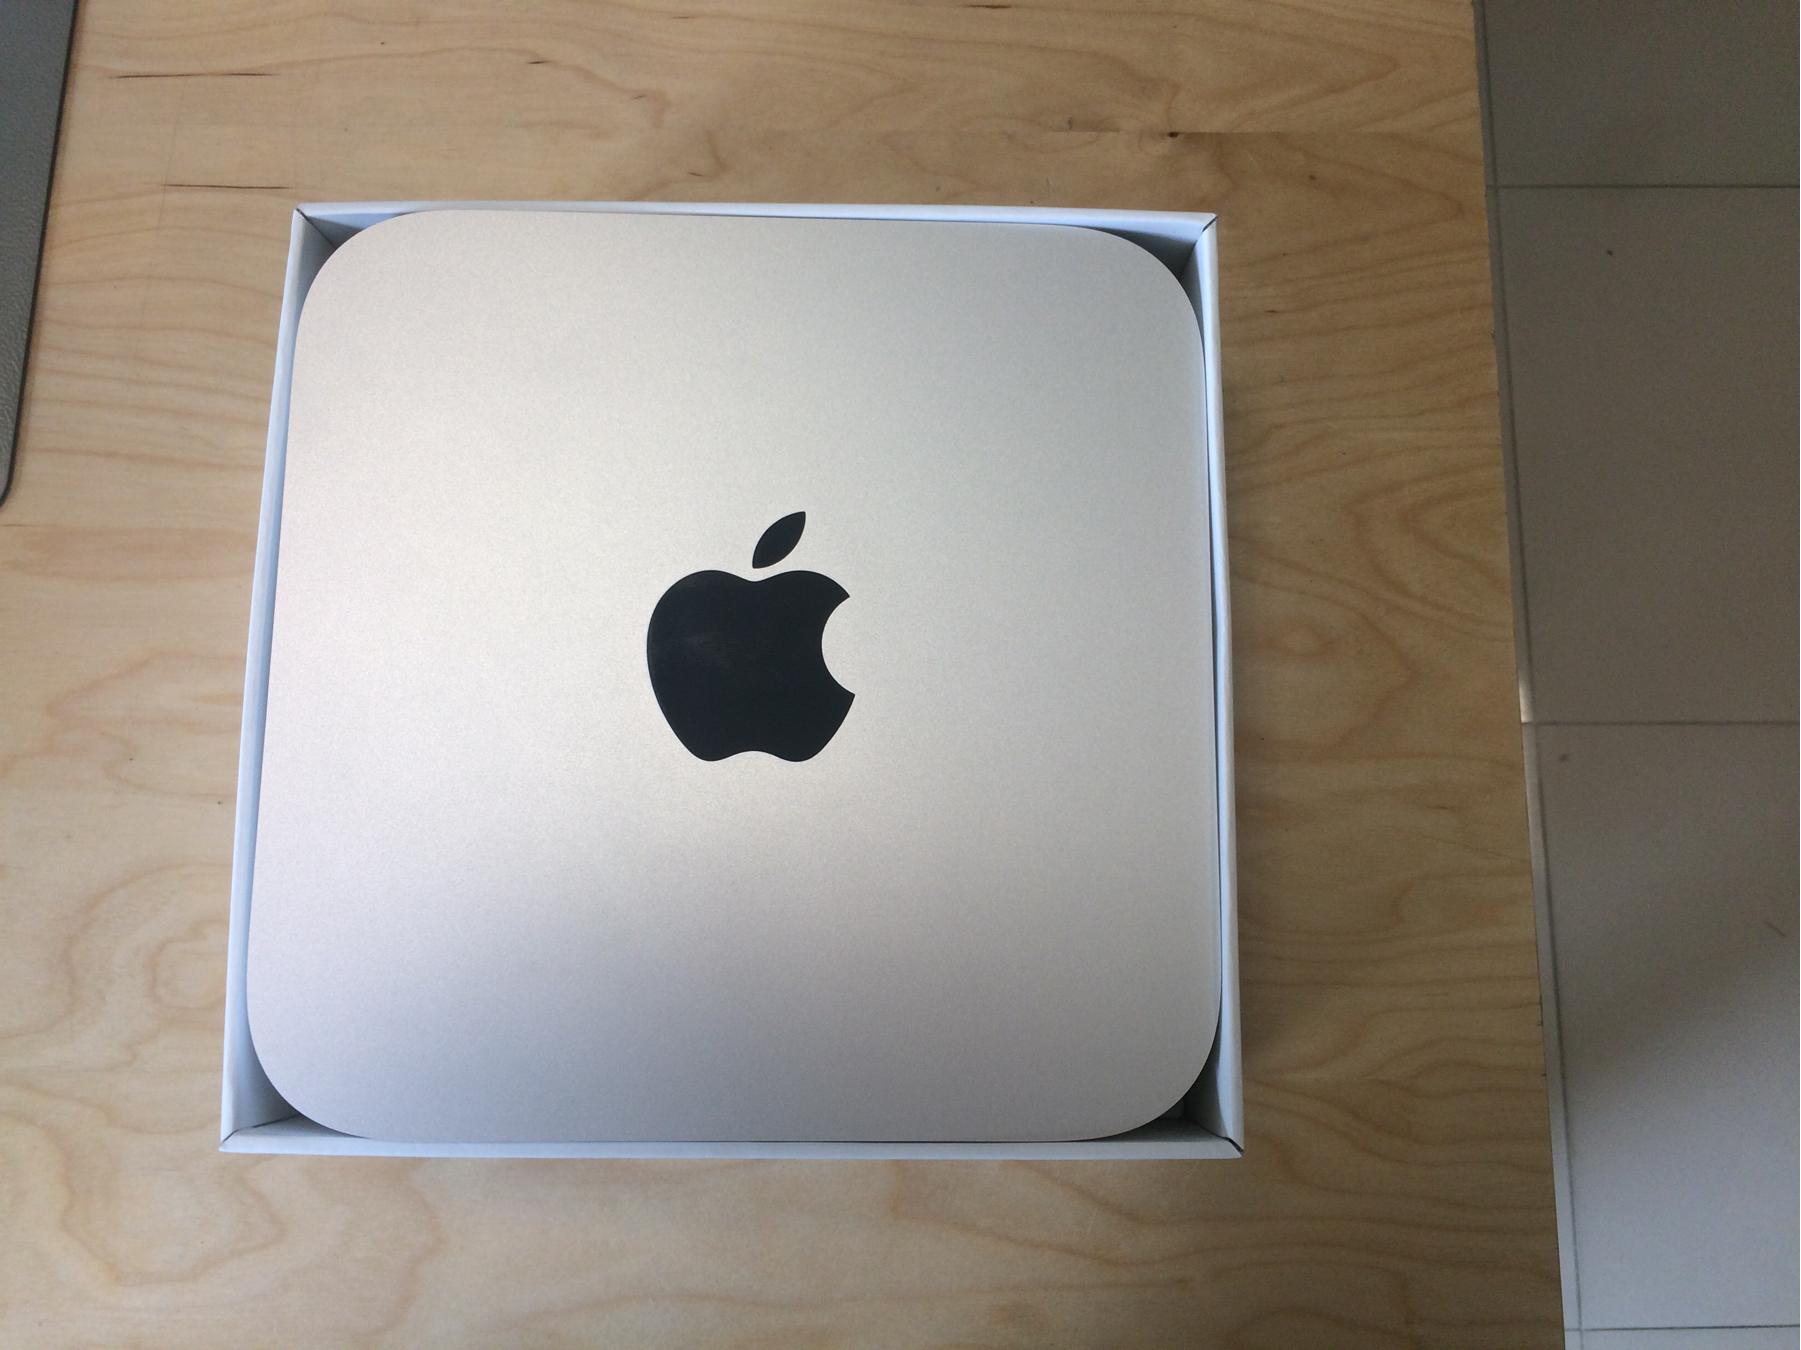 Mac Mini Late 2014 (Intel Core i5 2.6 GHz 8 GB RAM 1 TB HDD), 2.6 GHz Intel Core i5, 8GB 1600 MHz, 1TB HDD, obraz 4